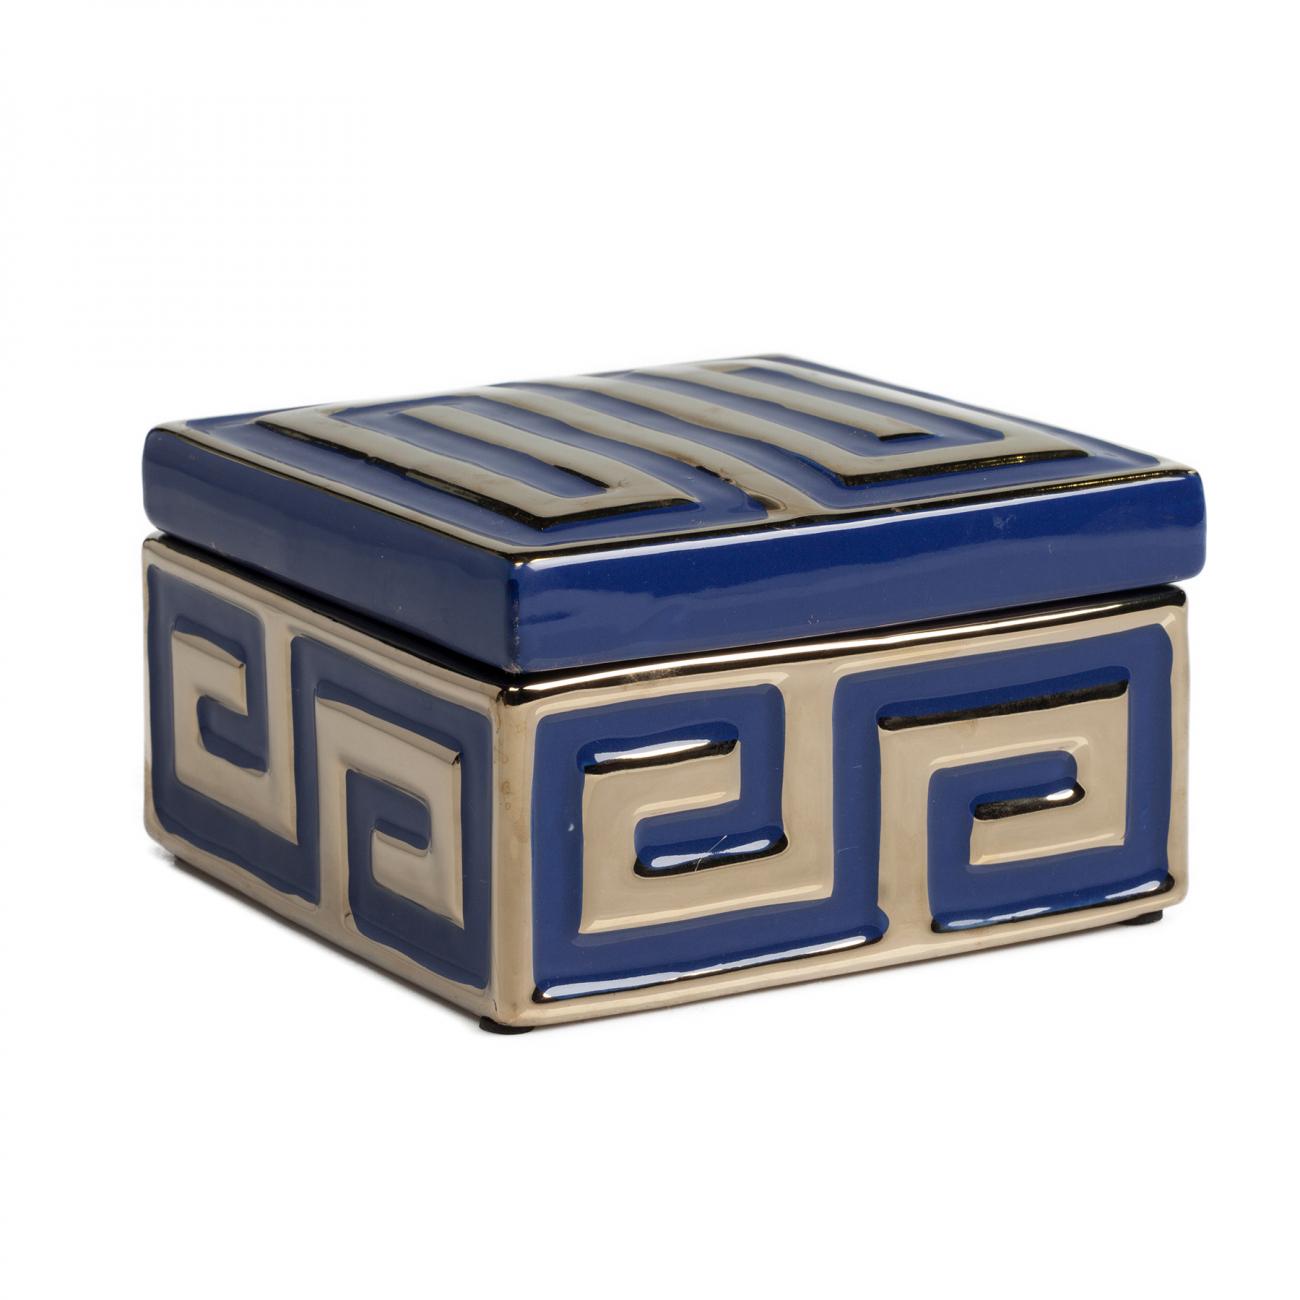 Купить Черная шкатулка (коробка) стеклянная с орнаментом Marque в интернет магазине дизайнерской мебели и аксессуаров для дома и дачи